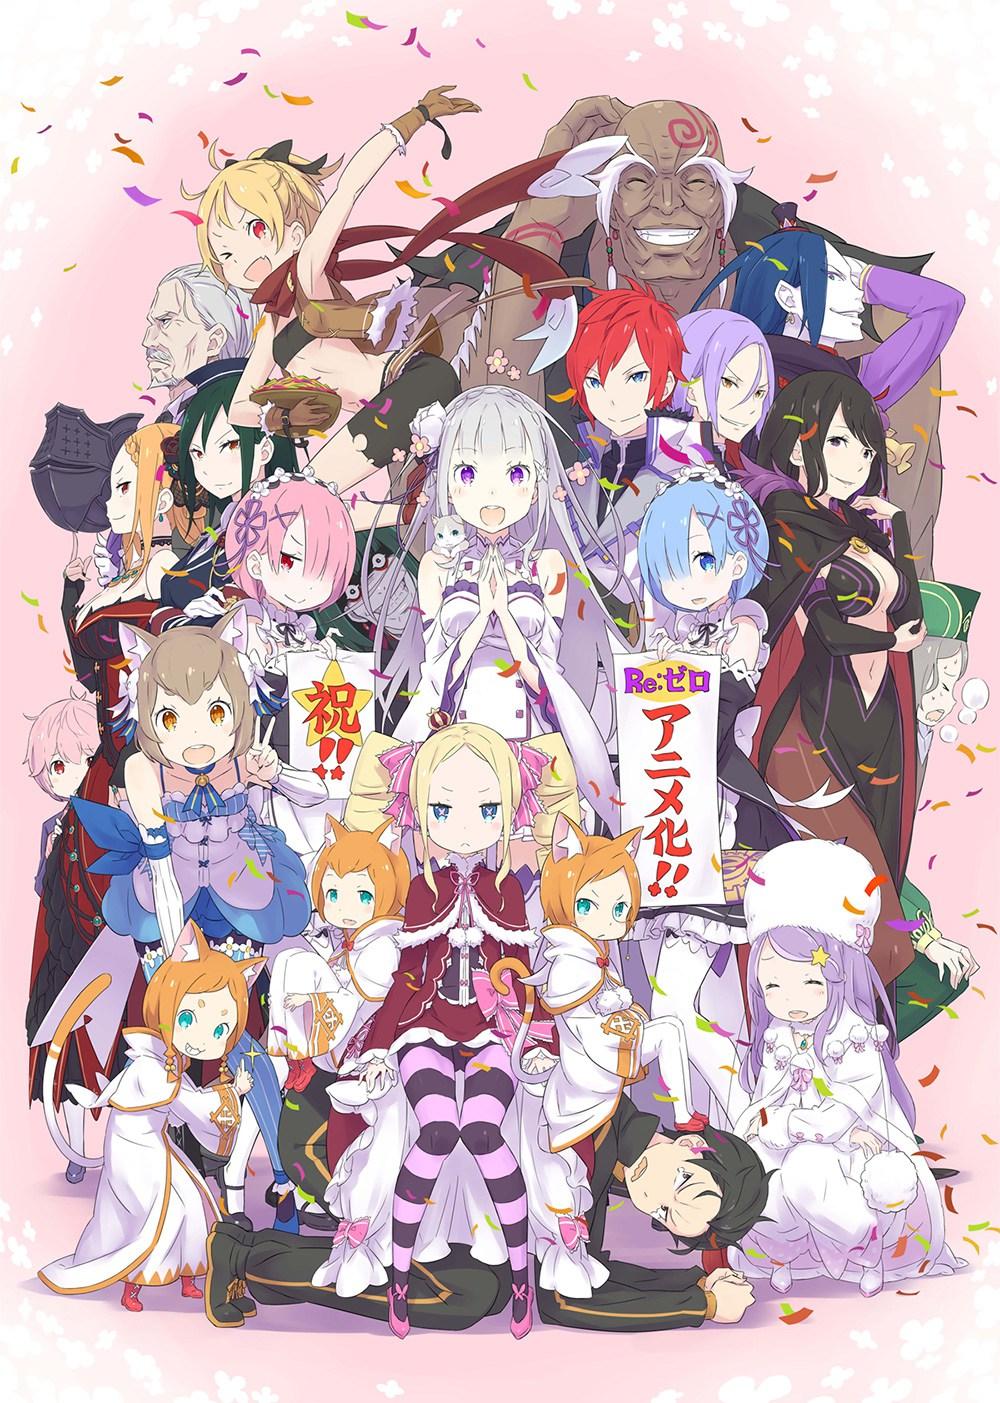 Re-Zero-Kara-Hajimeru-Isekai-Seikatsu-Anime-Announcement-Image